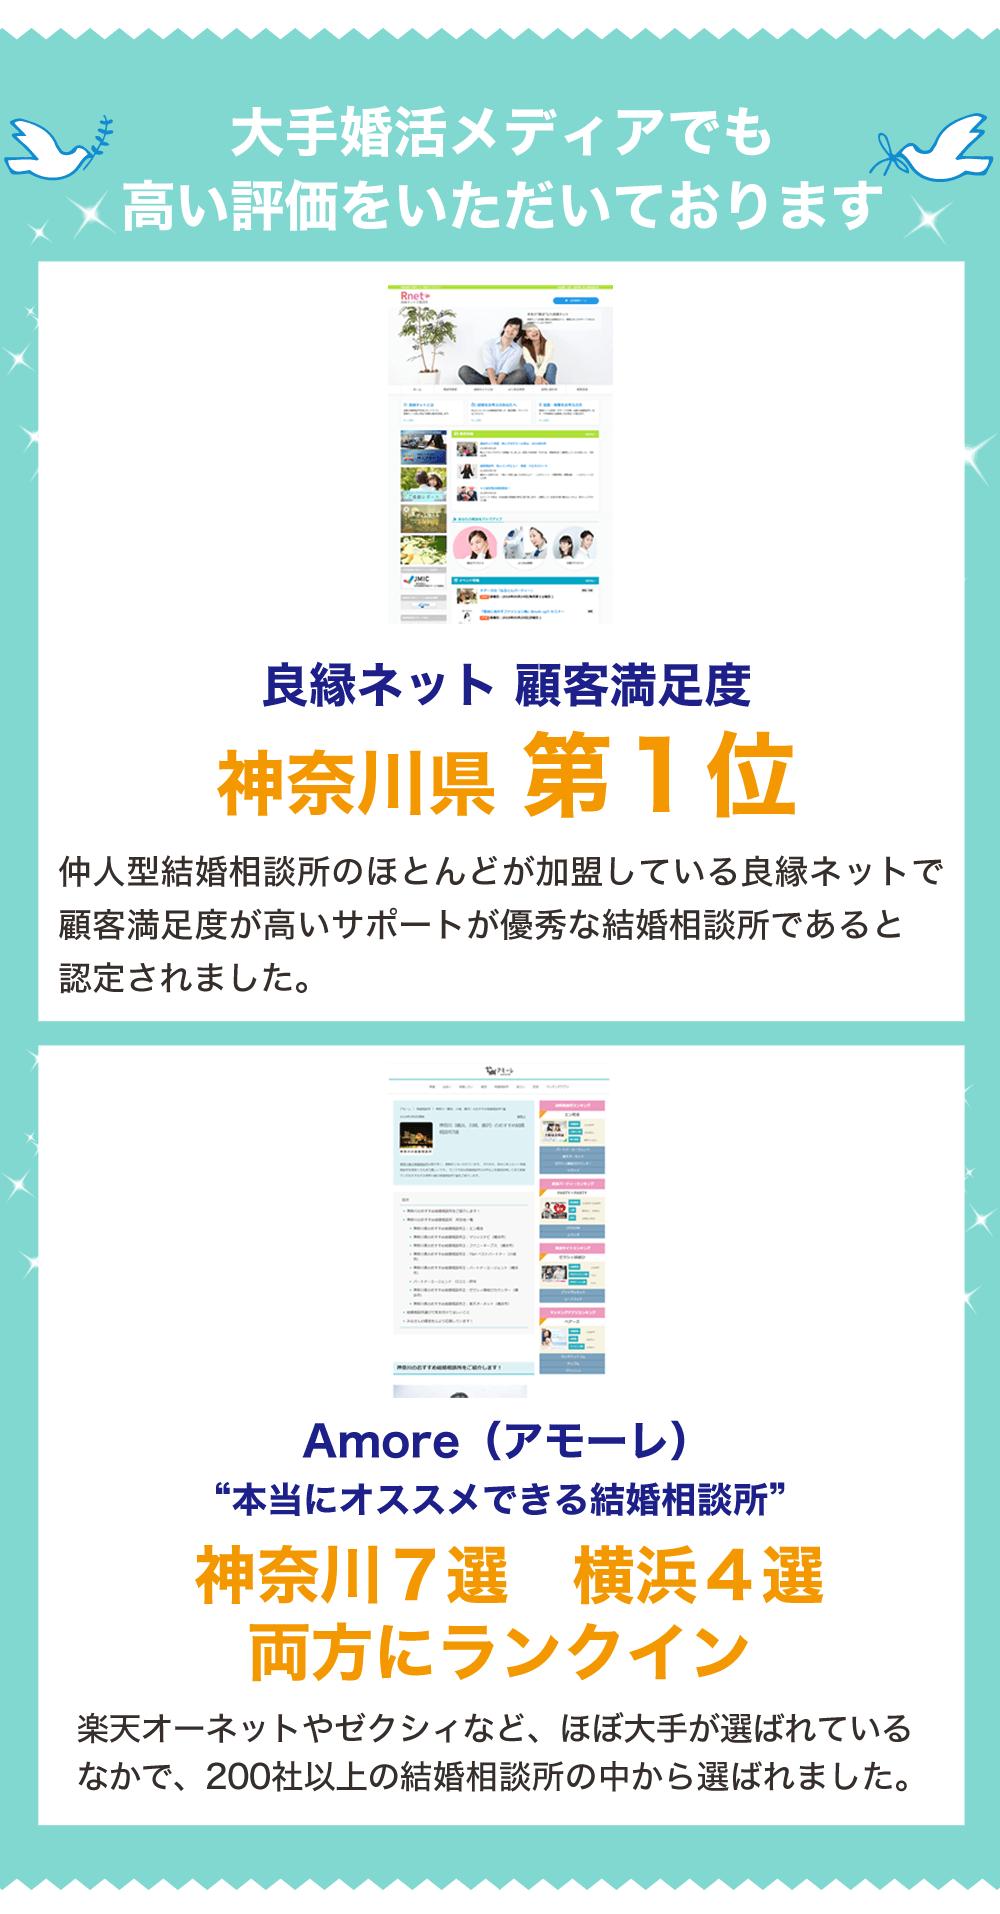 アラサー・30代女性・40代男性の婚活に強い結婚相談所として、婚活メディアにも高い評価を頂いております。仲人結婚相談所ポータルの「良縁ネット」では顧客満足度神奈川県第1位、婚活比較サイト「Amore」では「本当にオススメしたい結婚相談所」横浜・神奈川共にランクインしています。